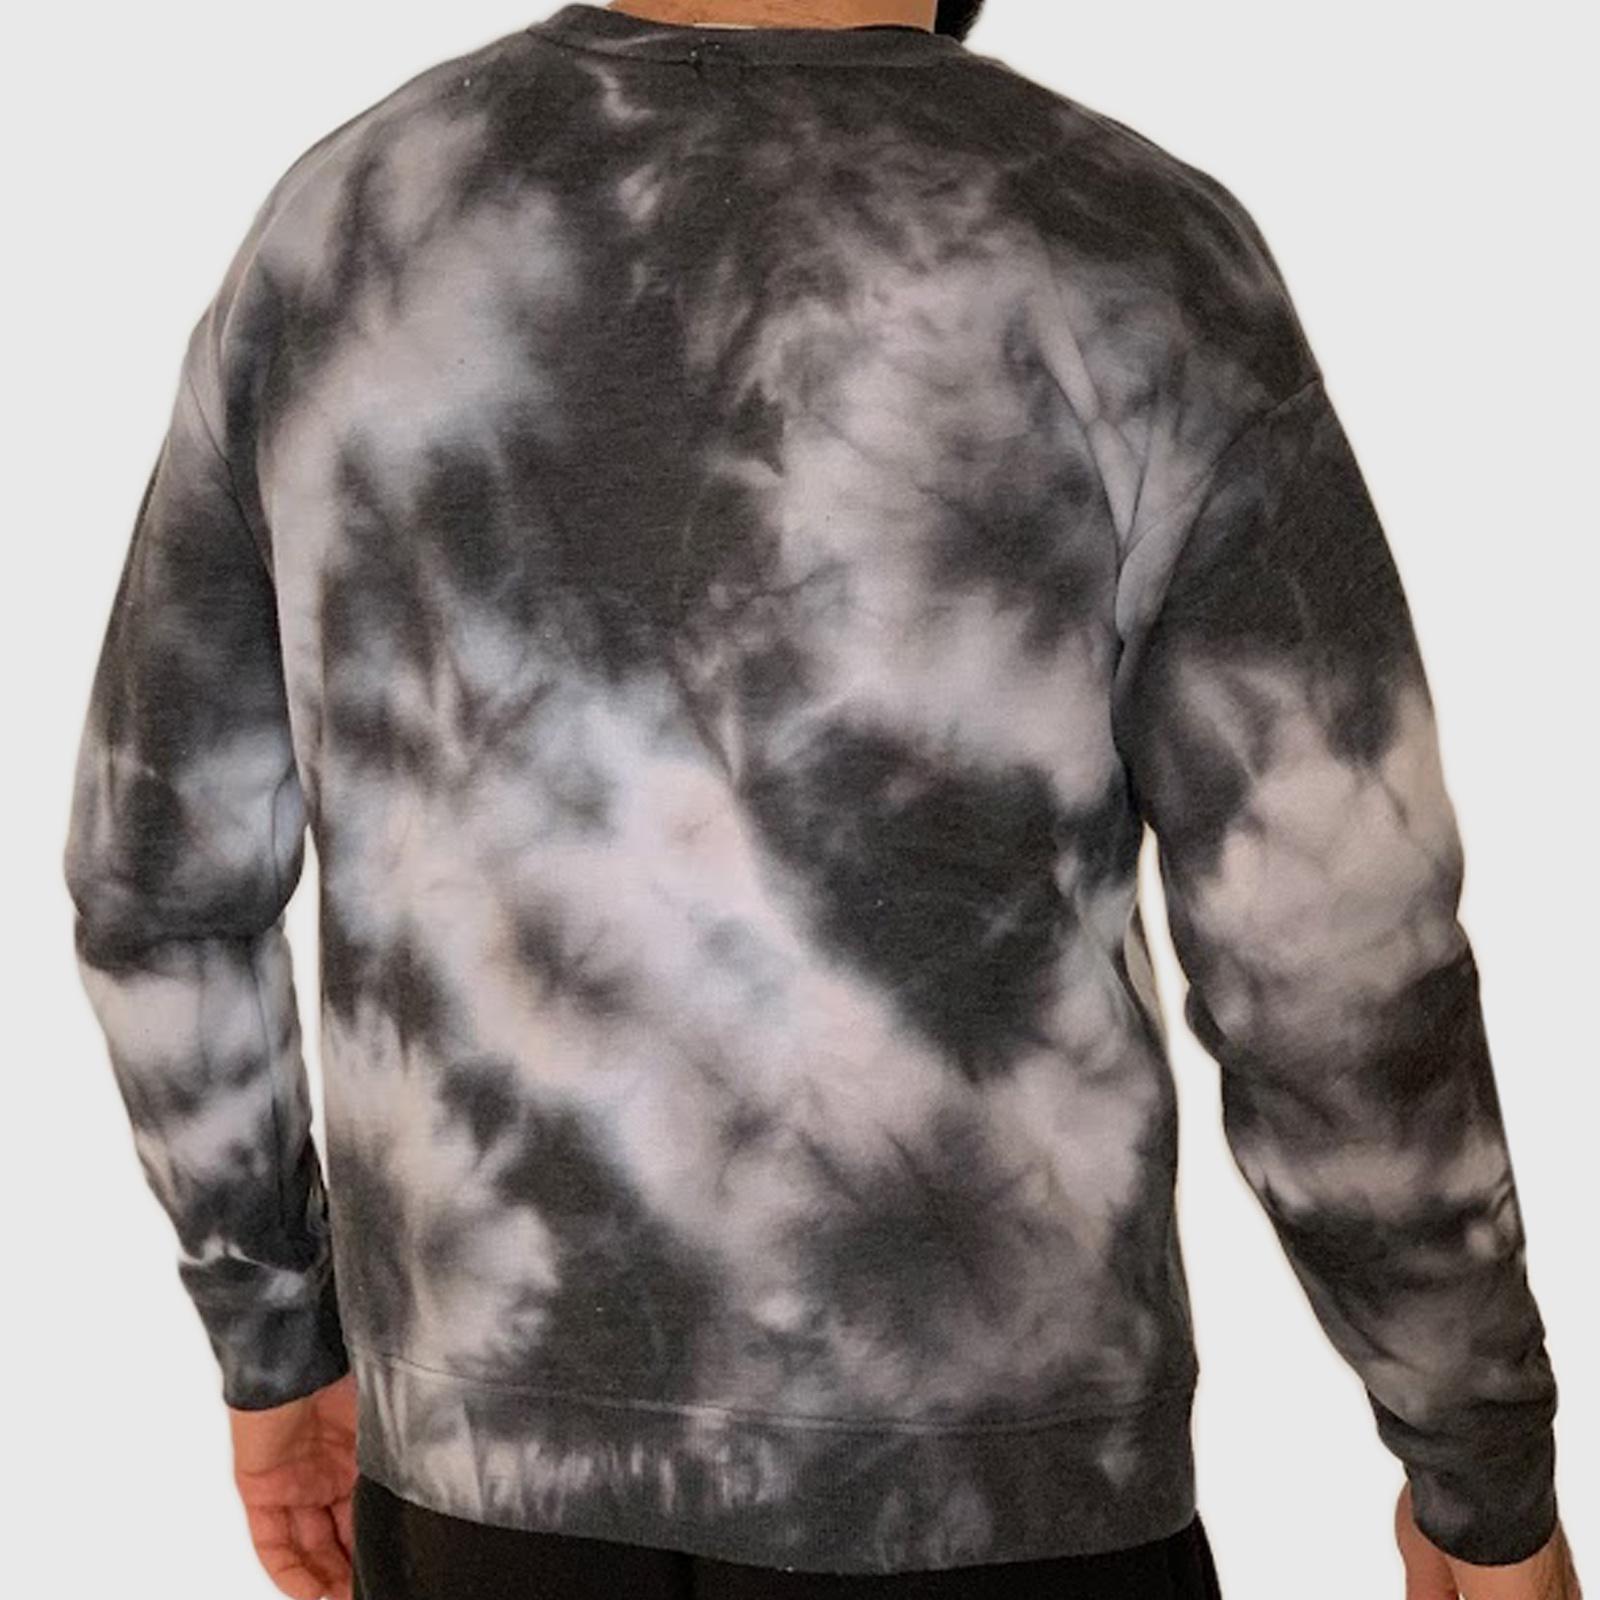 Мужская сезонная одежда - регланы, кофты, толстовки